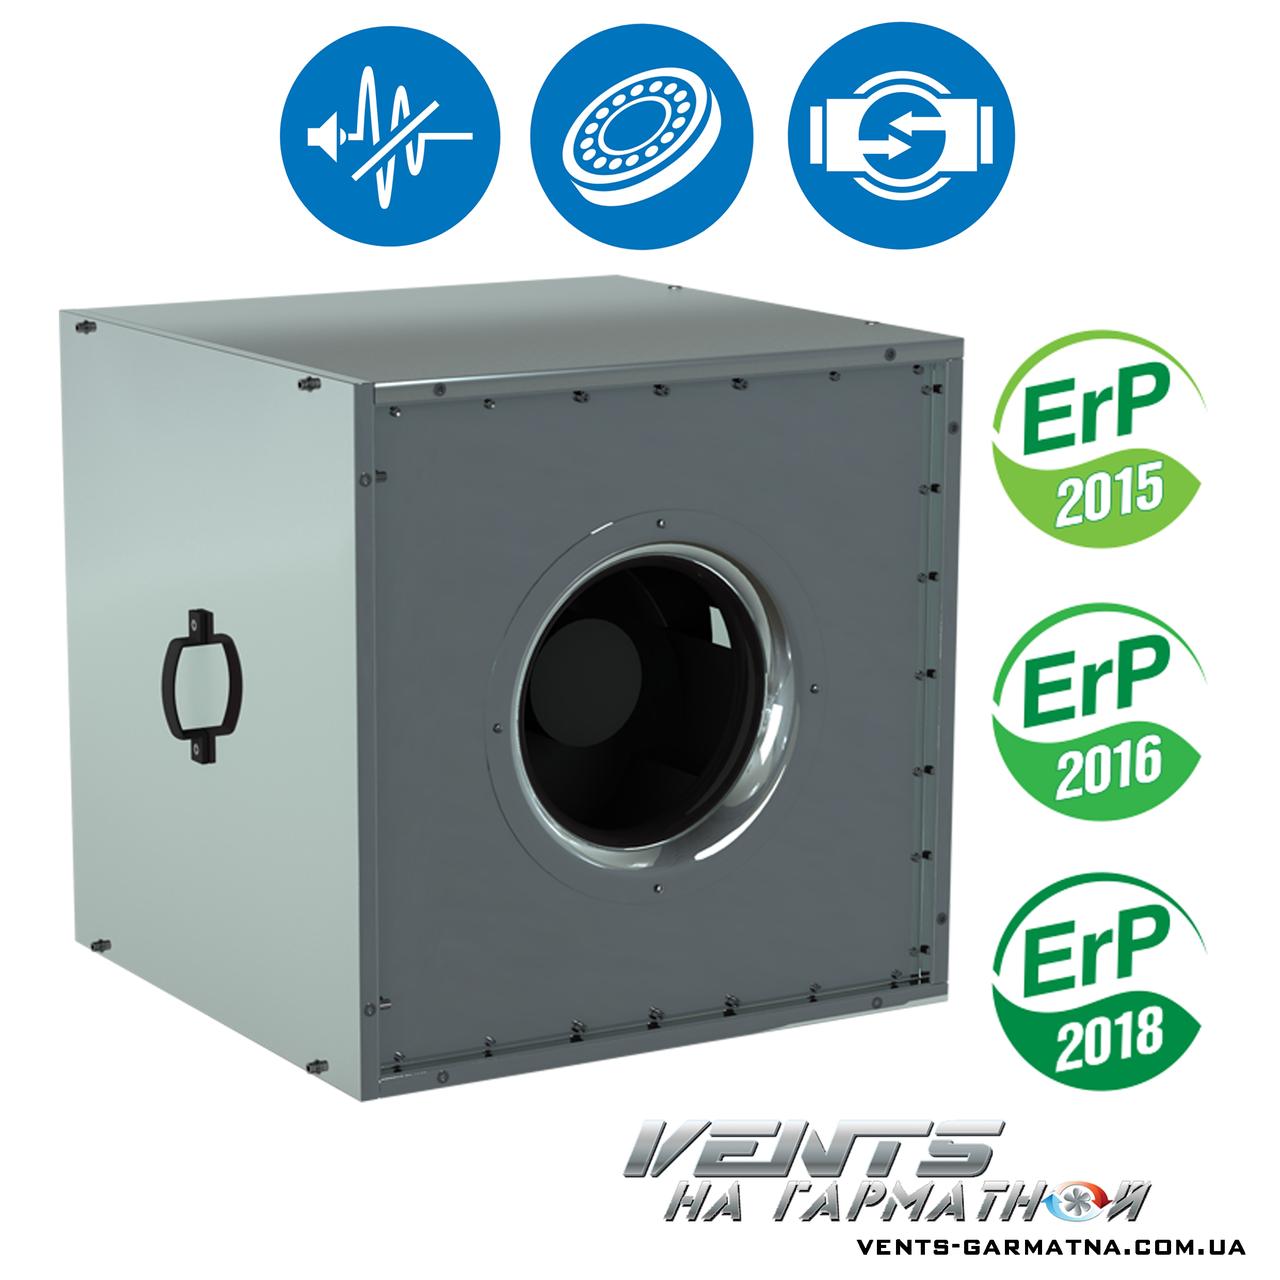 Вентс ВШ 560 4Д. Шумоизолированный вентилятор